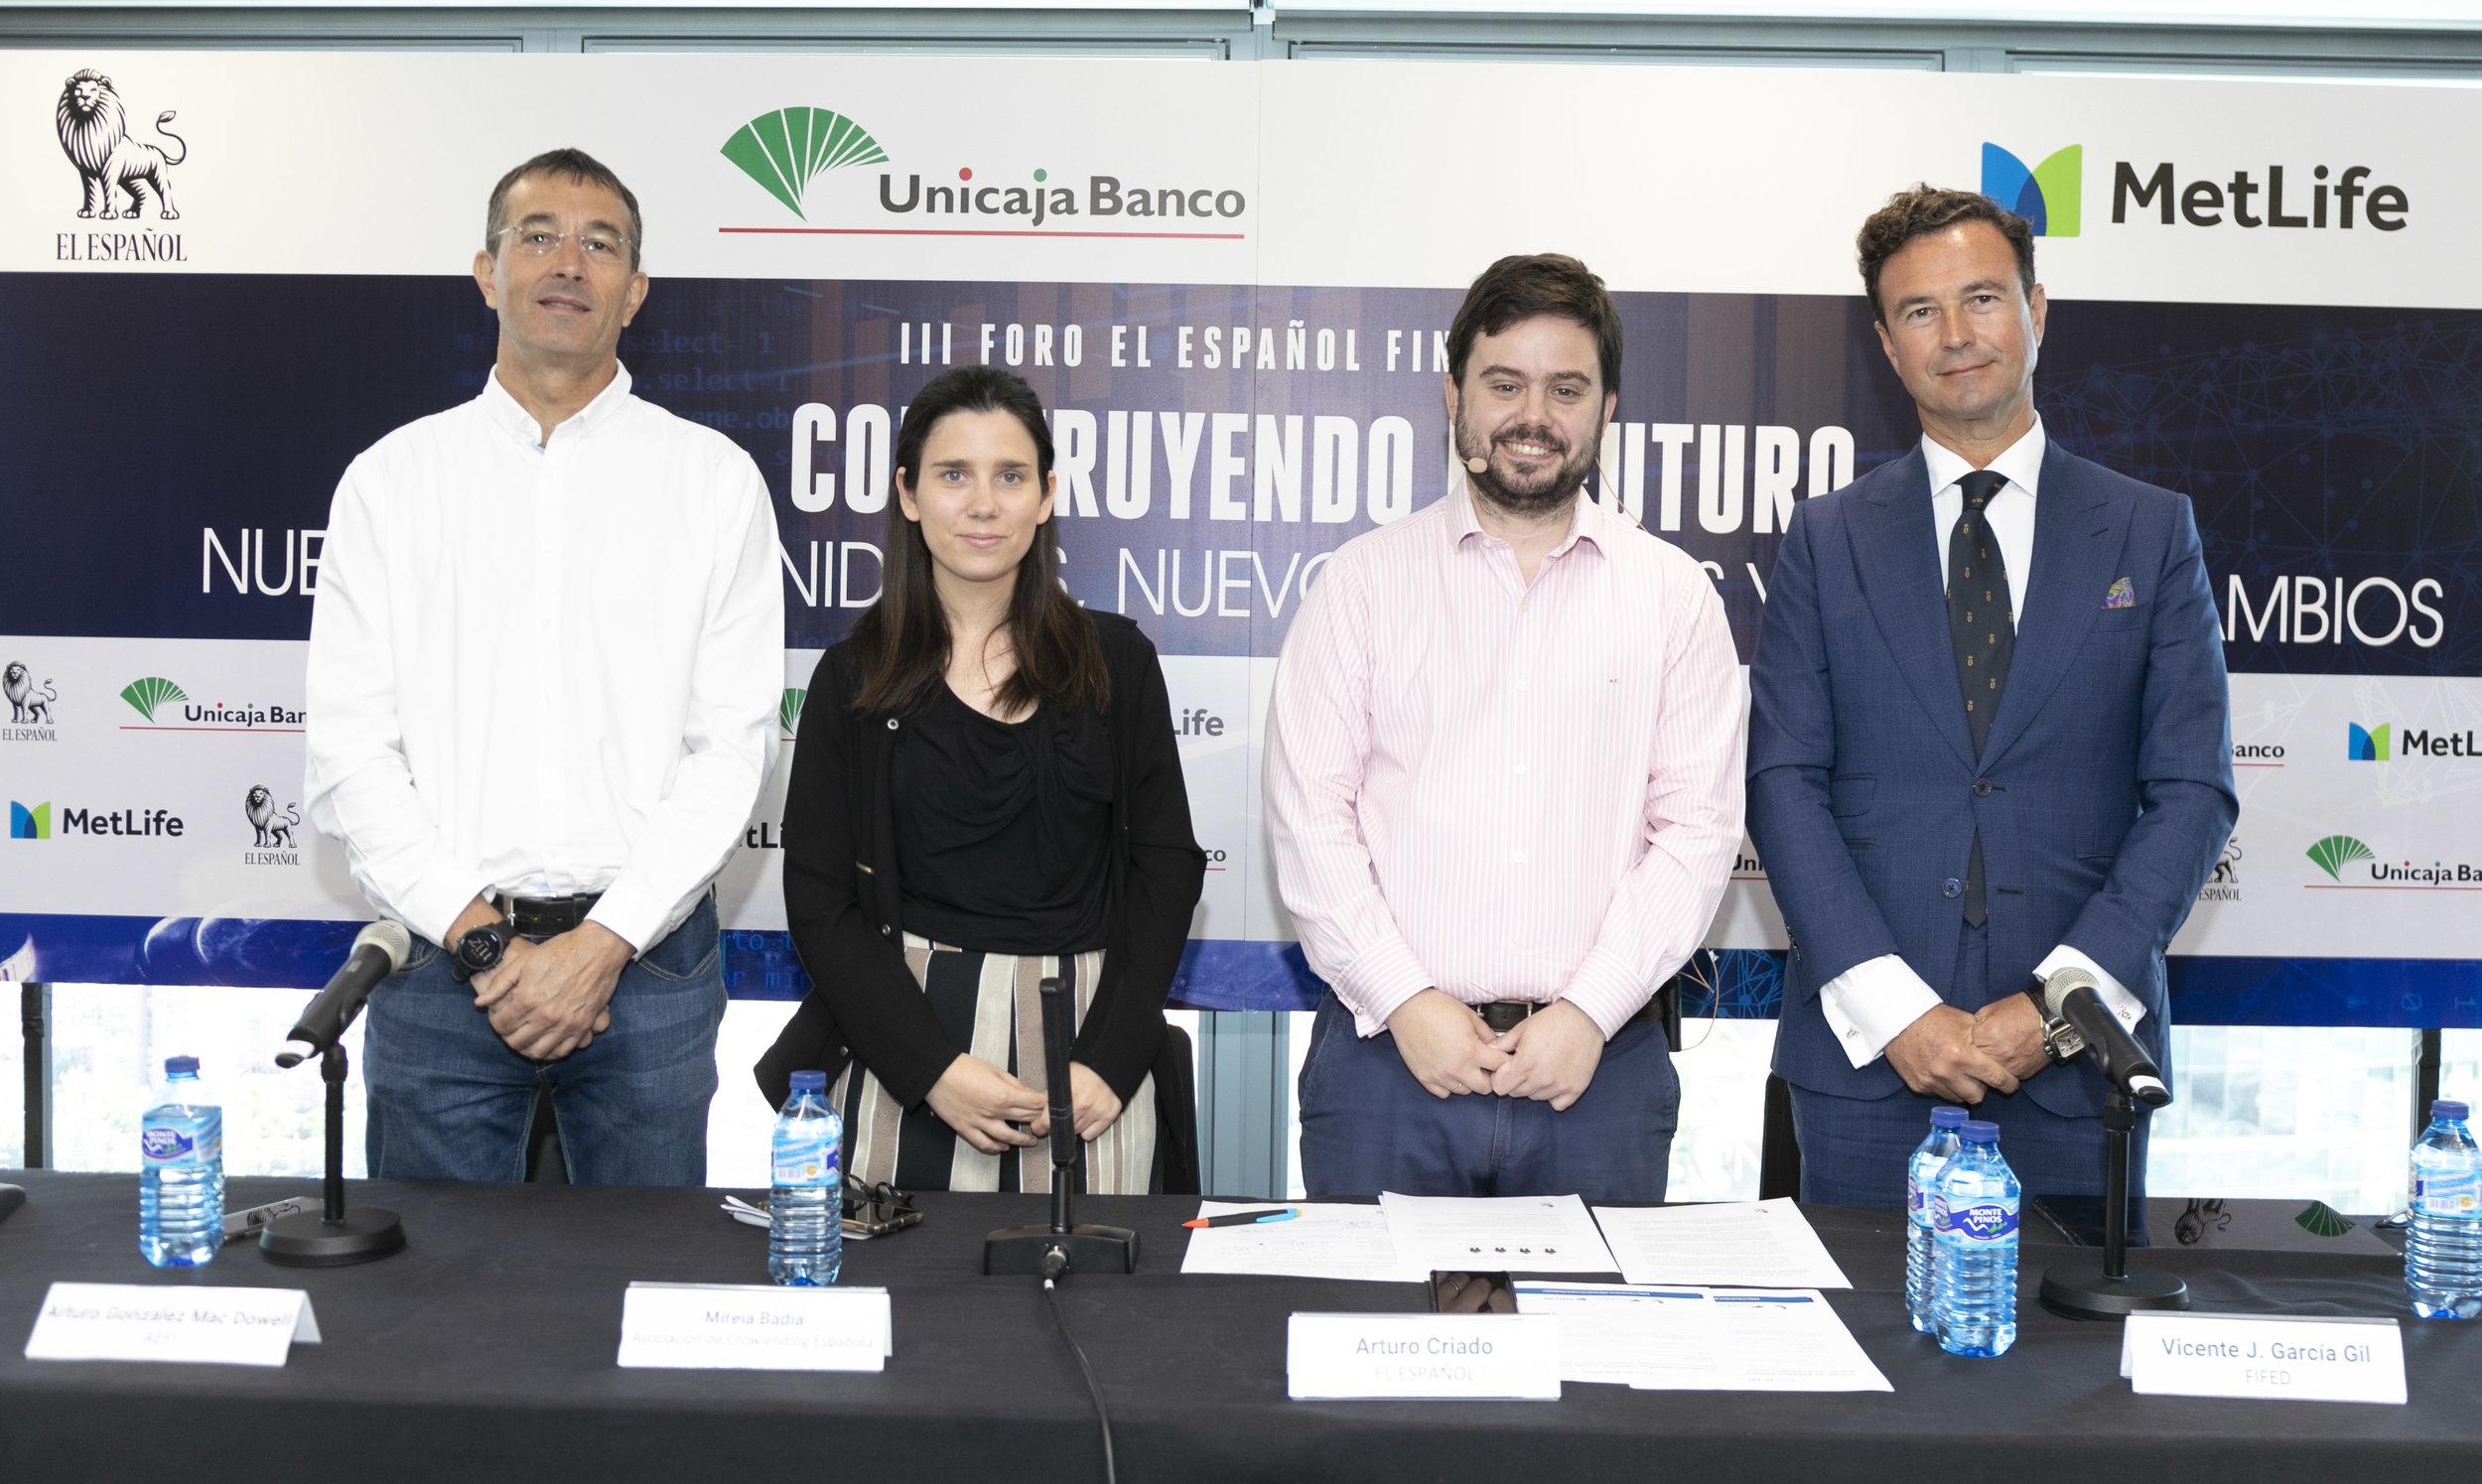 Vicente J. García Gil (dcha.), junto a sus compañeros de debate. Foto de Jesús Umbría, El Español.